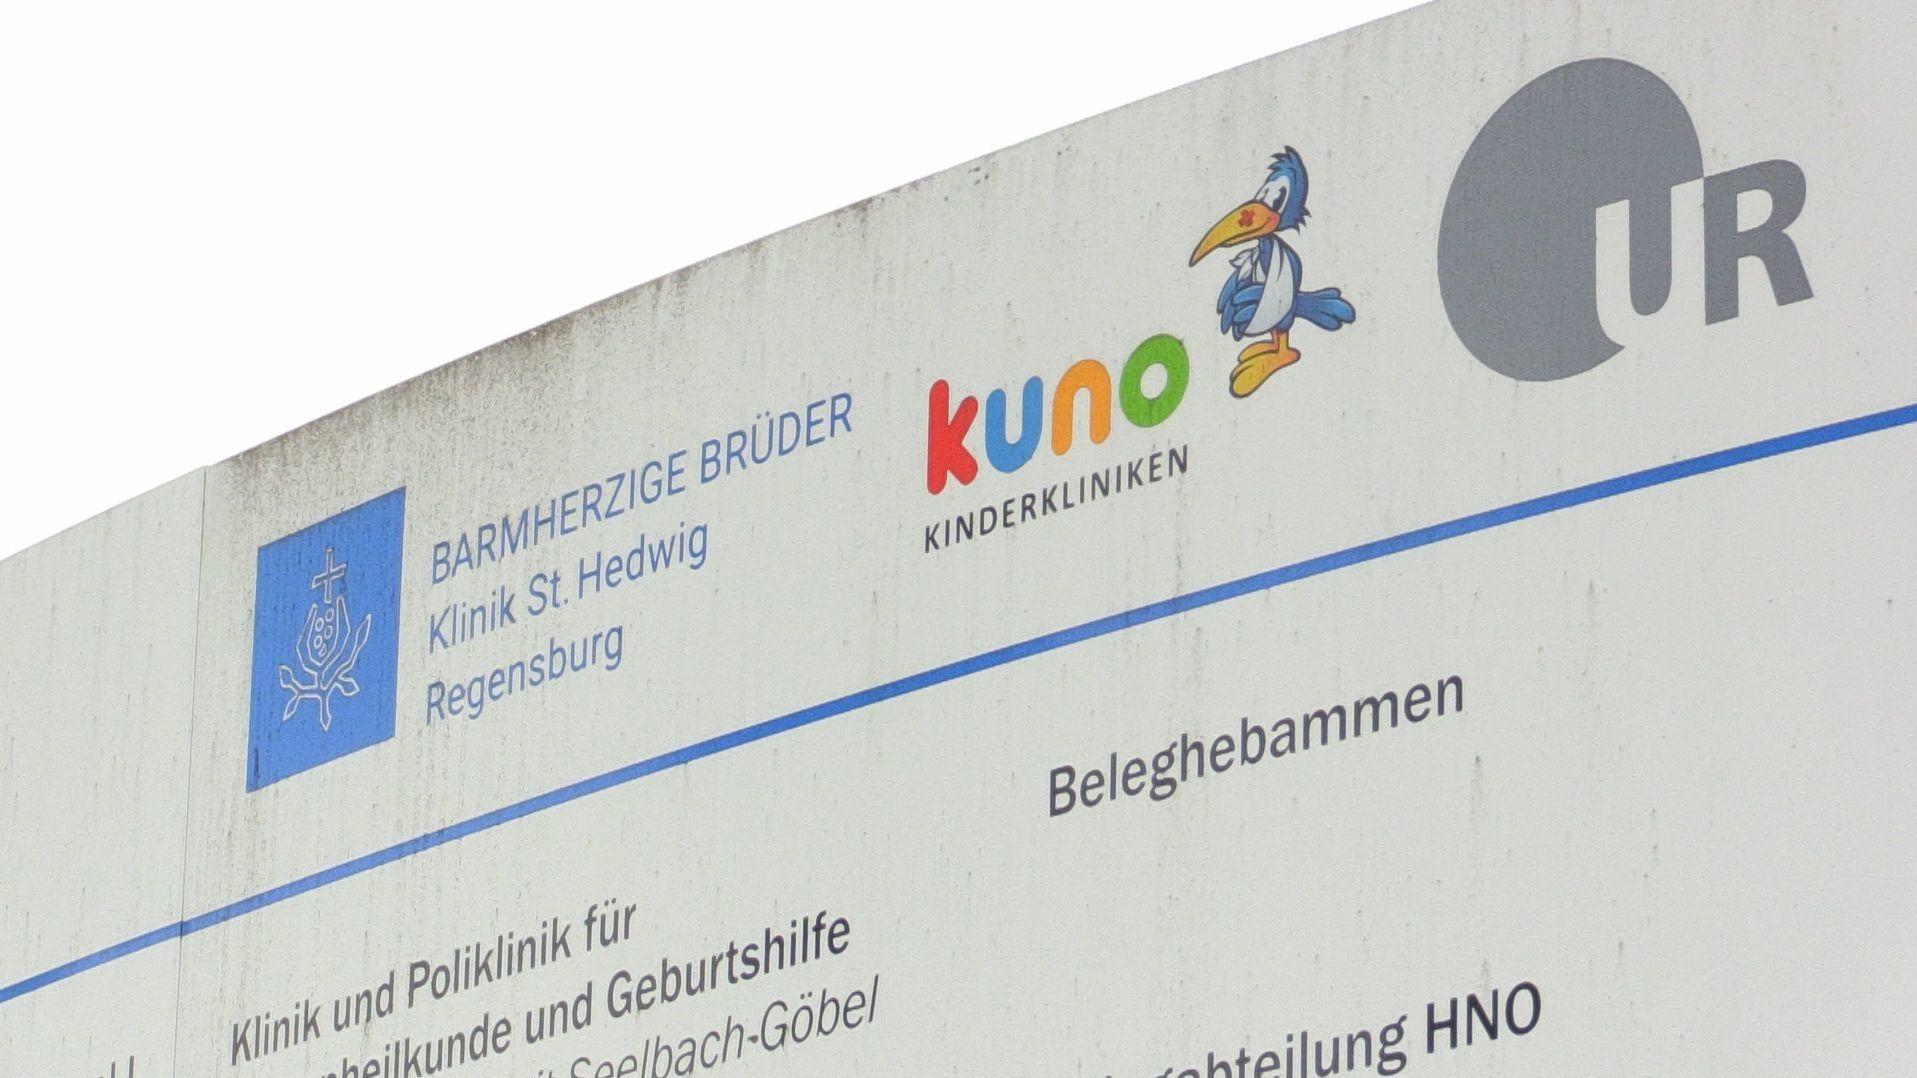 15 Beschäftigte in der Regensburger Kinderklinik haben sich mit dem Coronavirus infiziert. Das hat die Klinikleitung am Dienstag bestätigt.